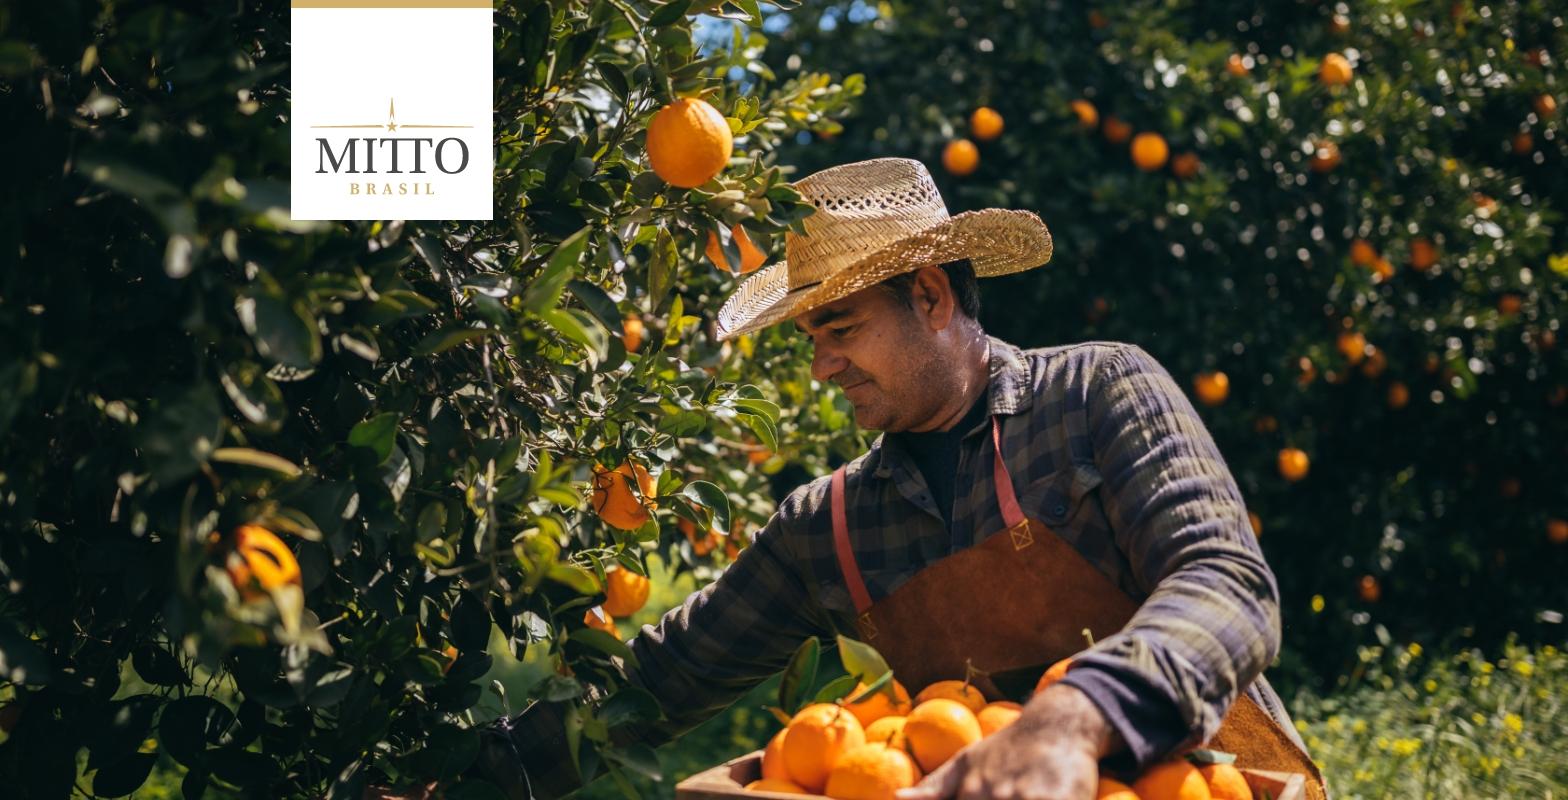 Mitto - Identidade visual e Branding (1)